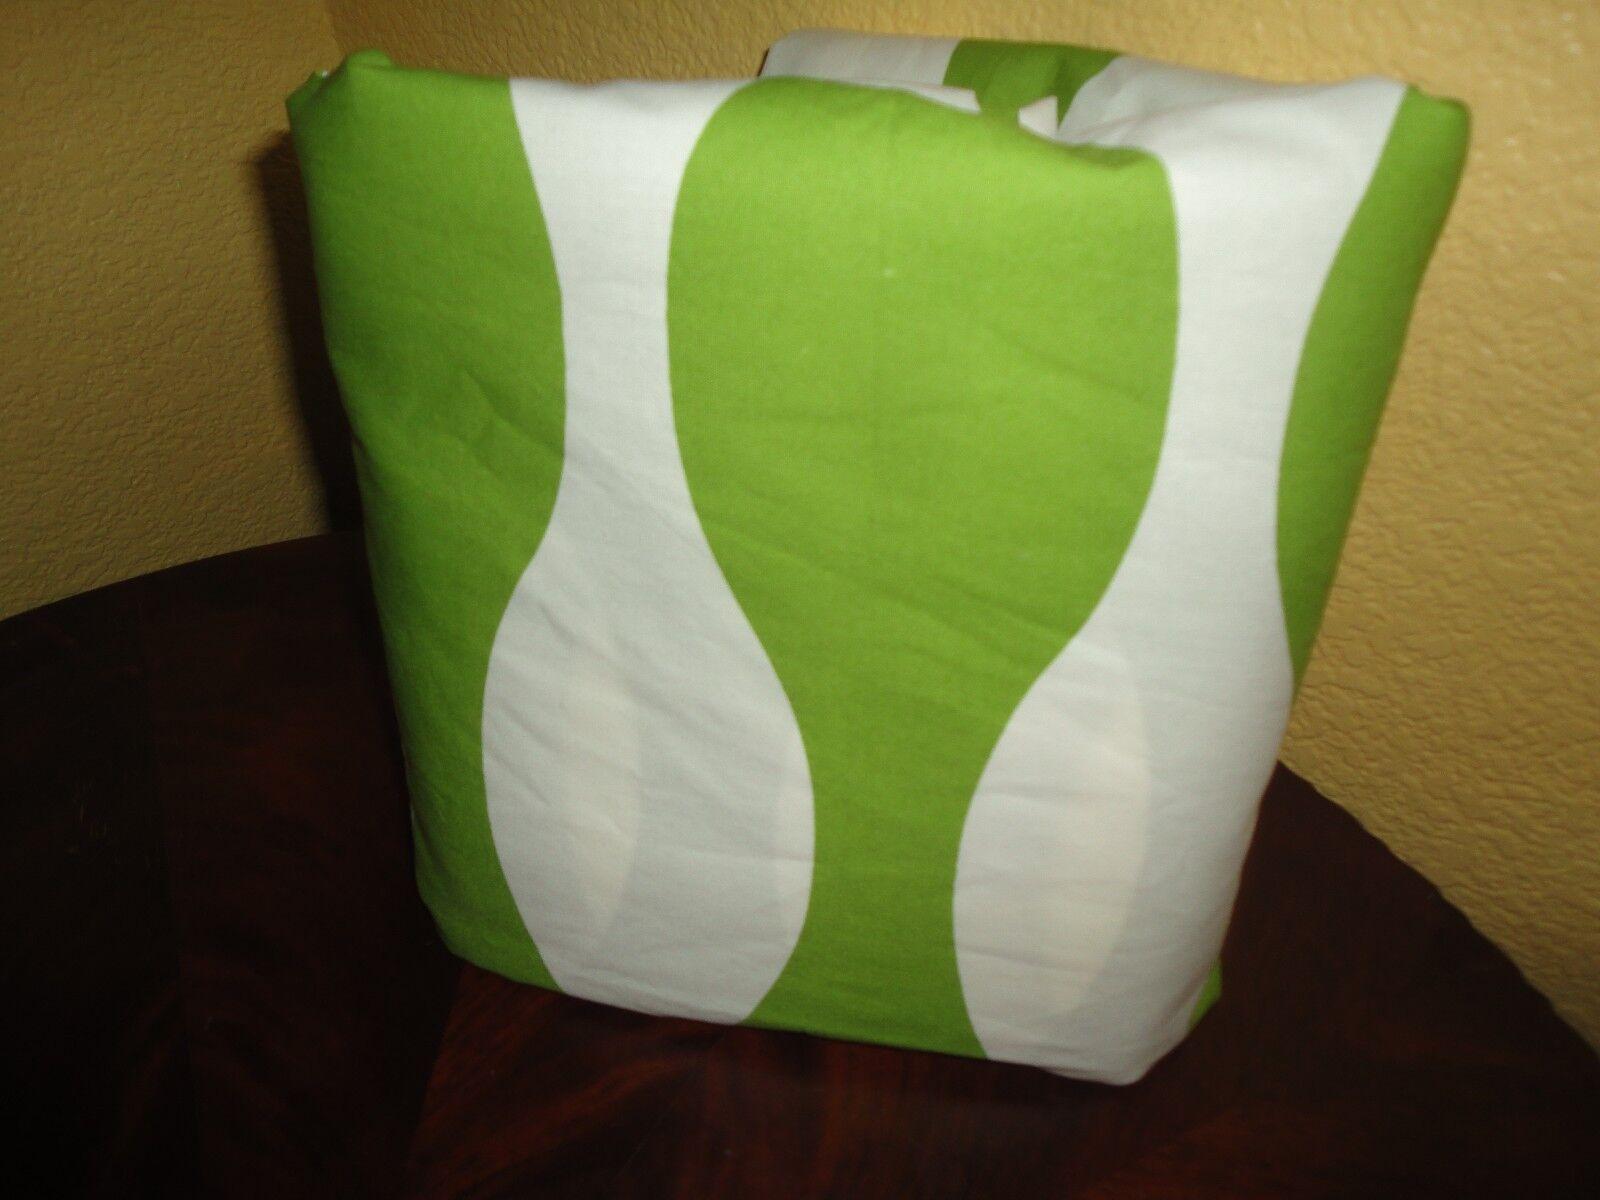 IKEA IKEA PAPAVER VAG GREEN WHITE 100% COTTON TWIN DUVET 62 X 86 NEW